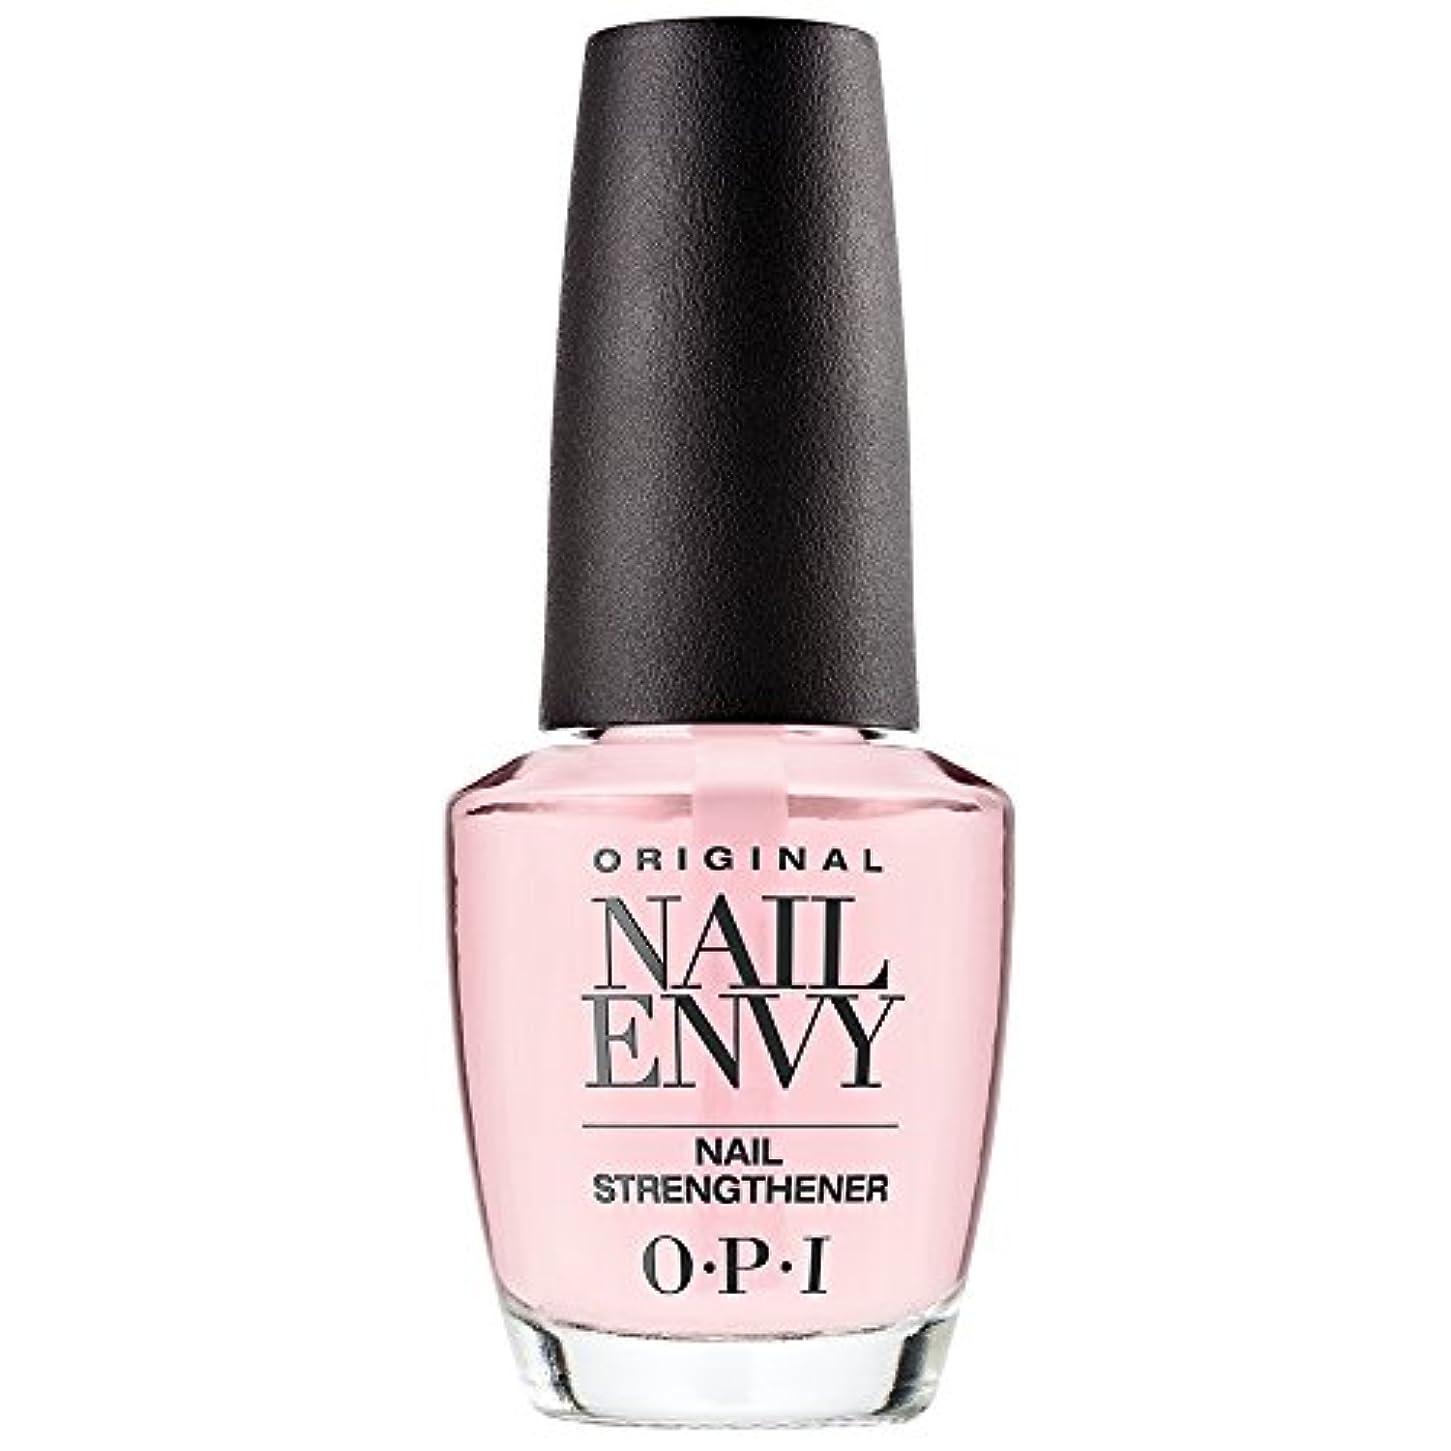 ブランチ開いた心のこもったOPI(オーピーアイ) ネイルエンビー NT223 ピンク トゥ エンビー